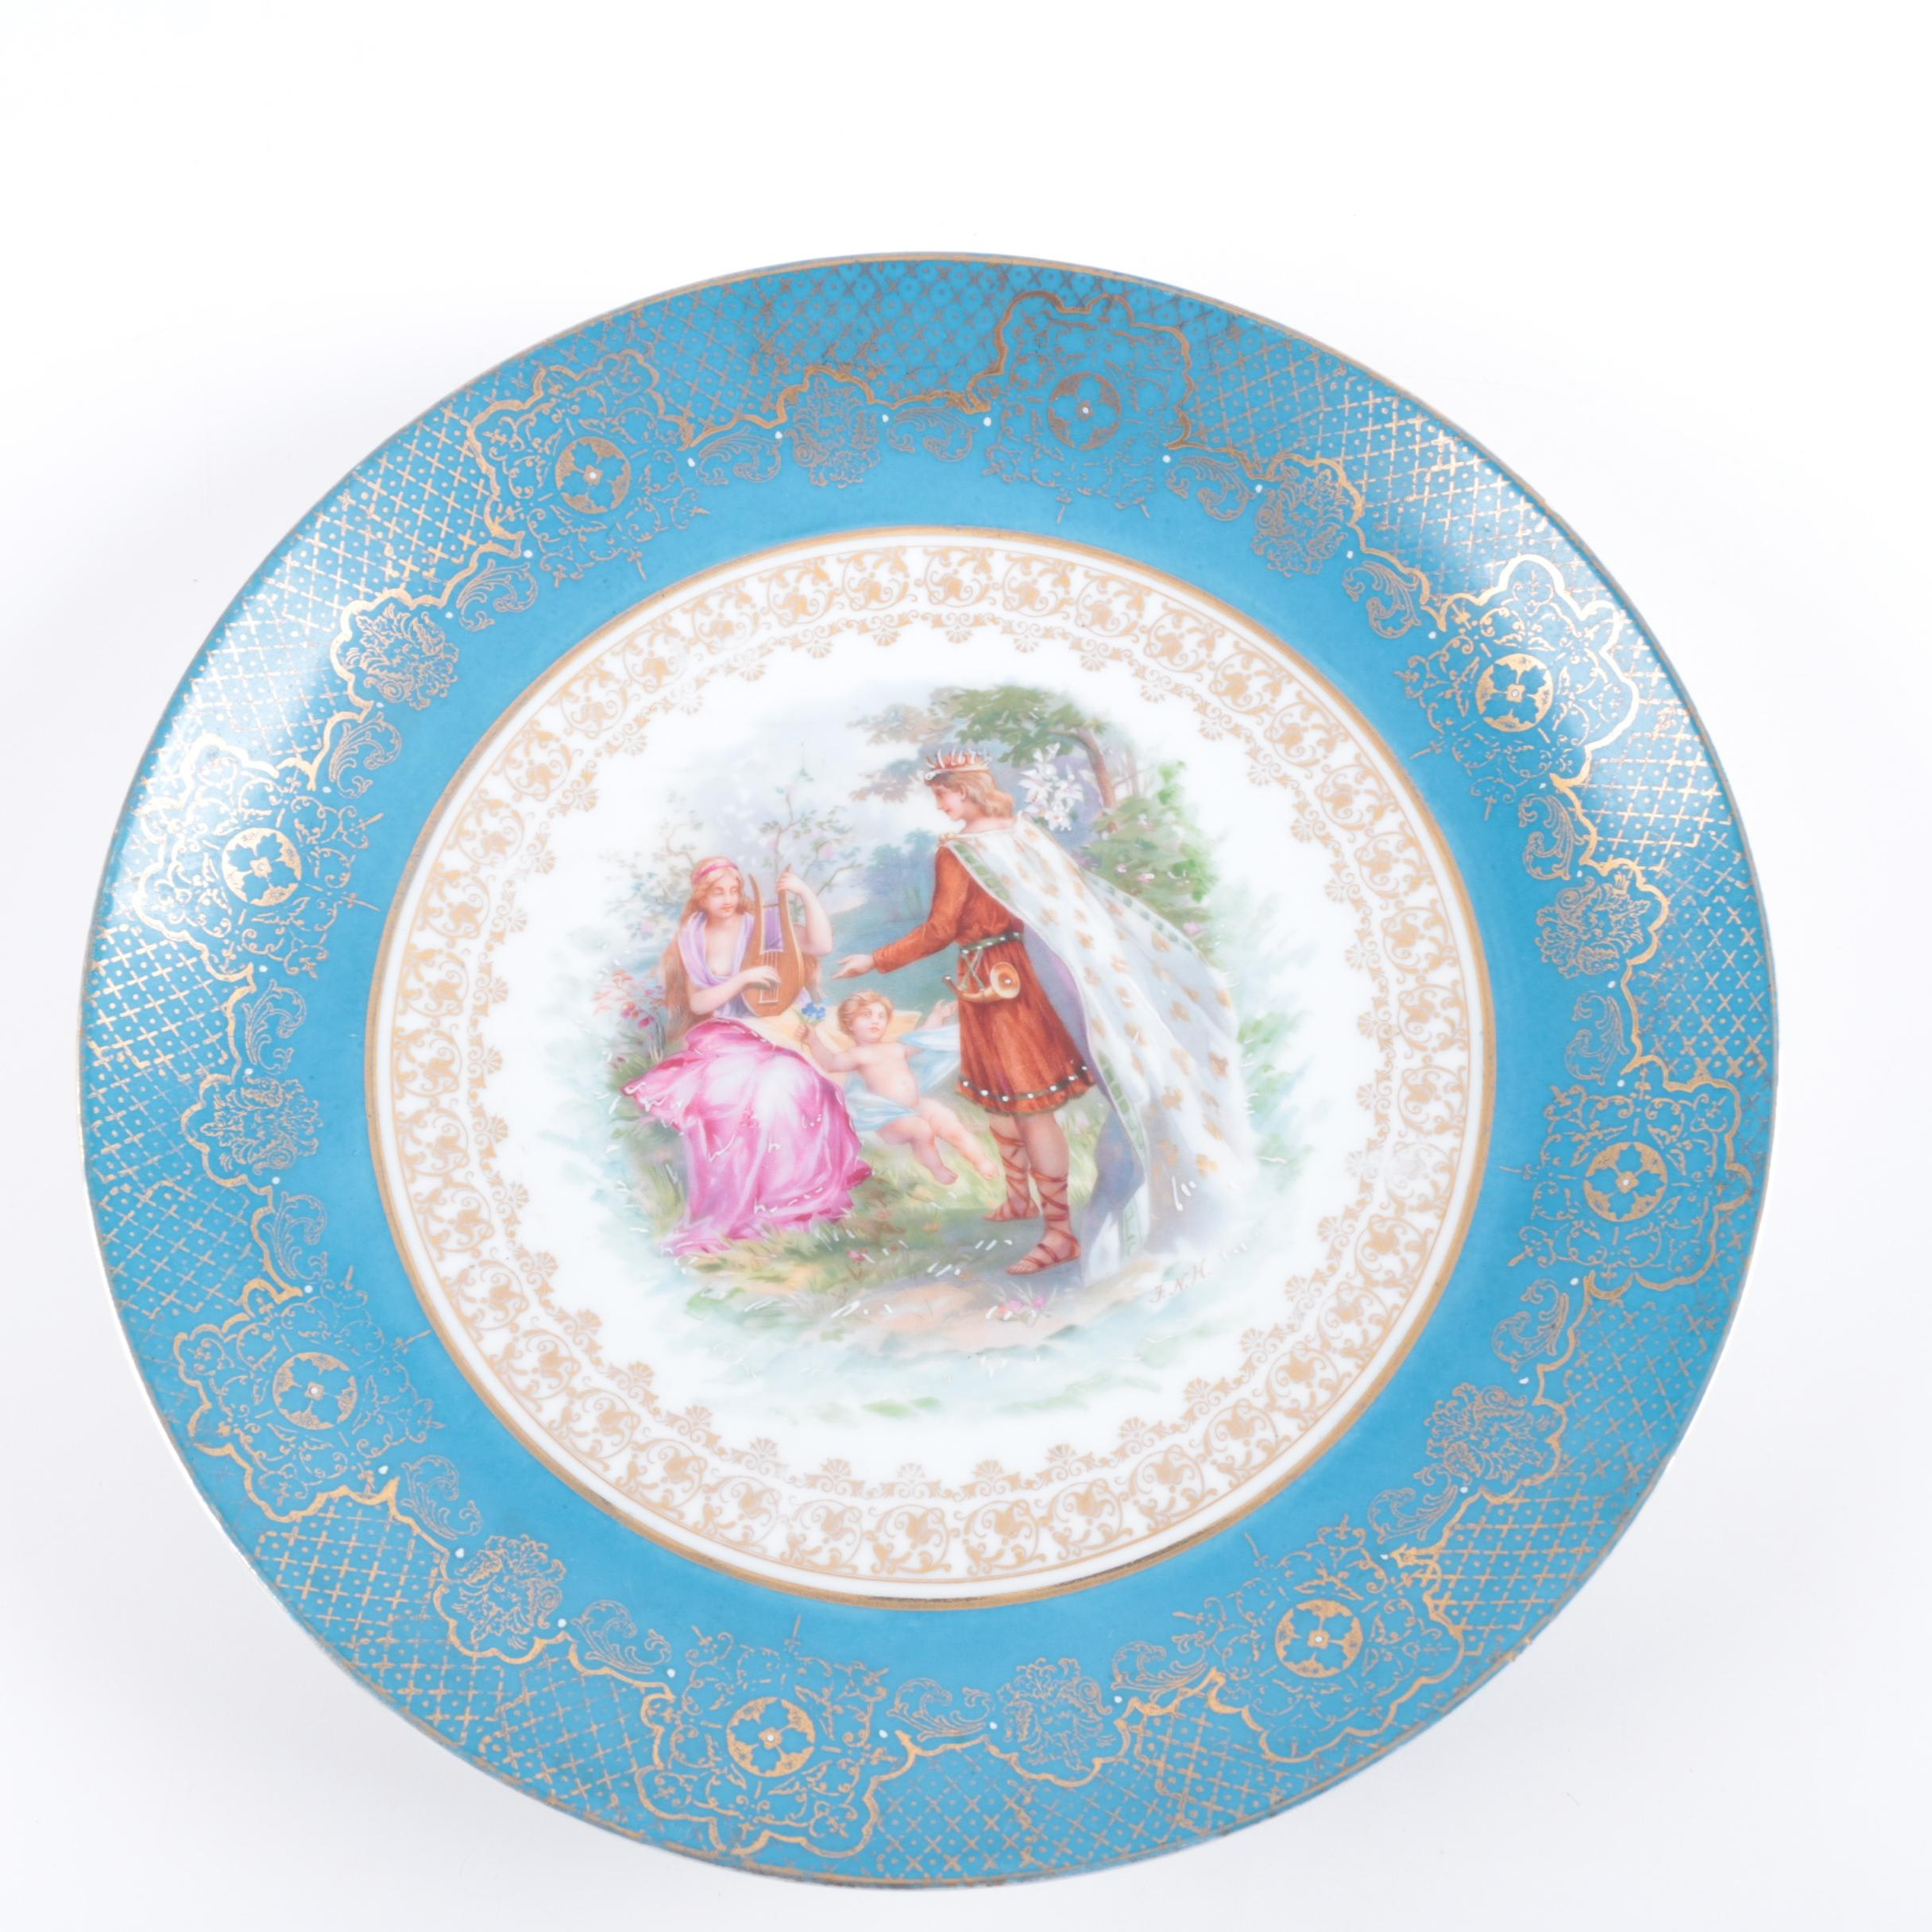 Kaufmann Royal Vienna Style Porcelain Plate